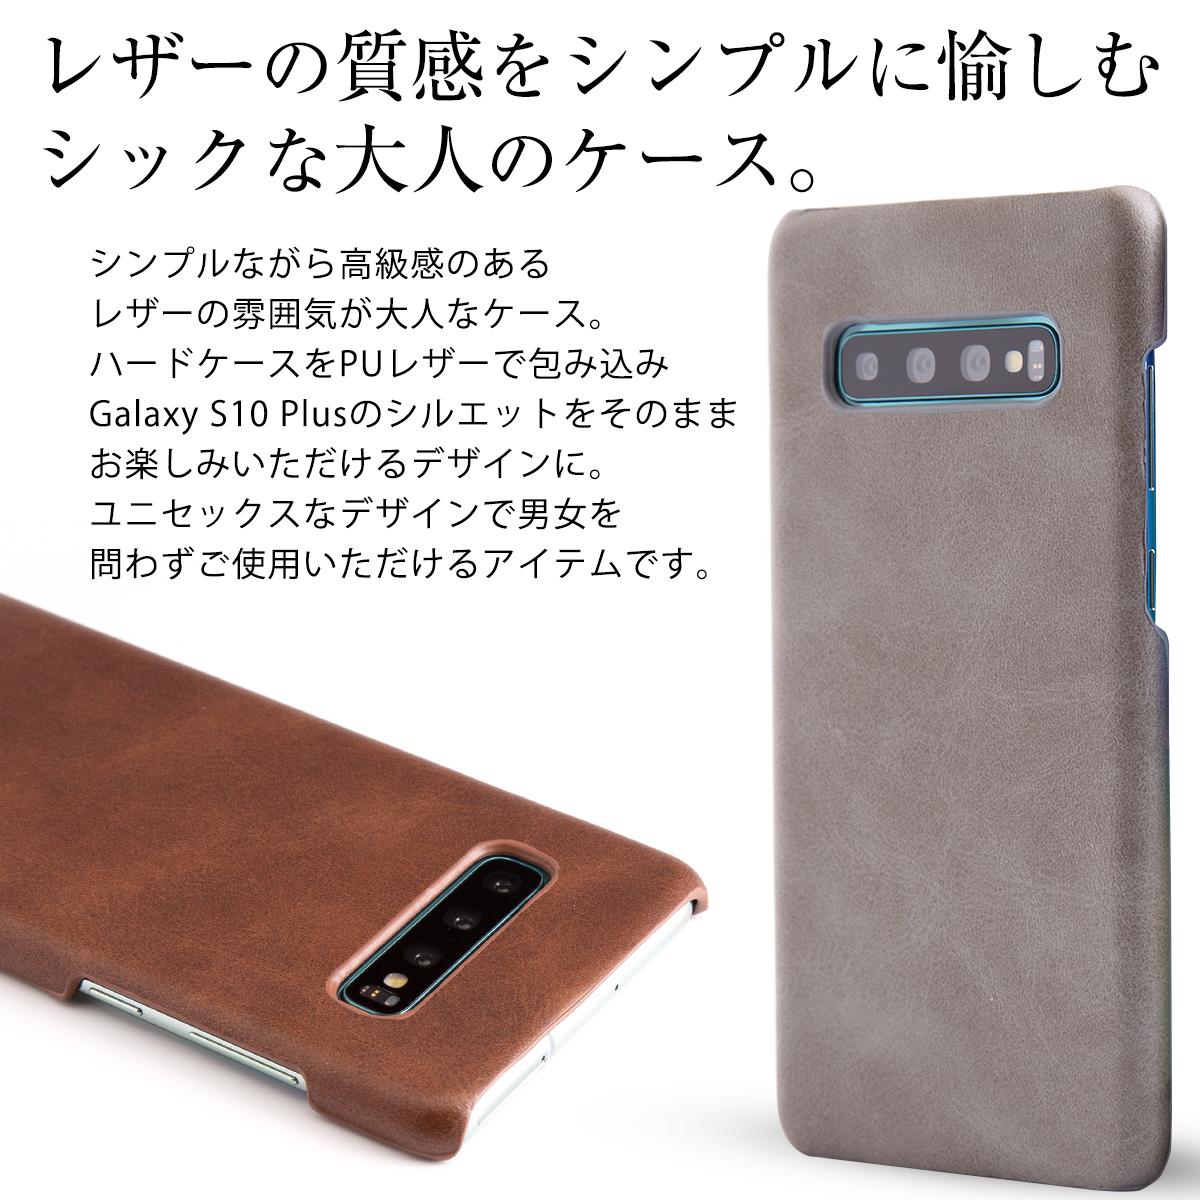 Galaxy S10+ レザーハードケース